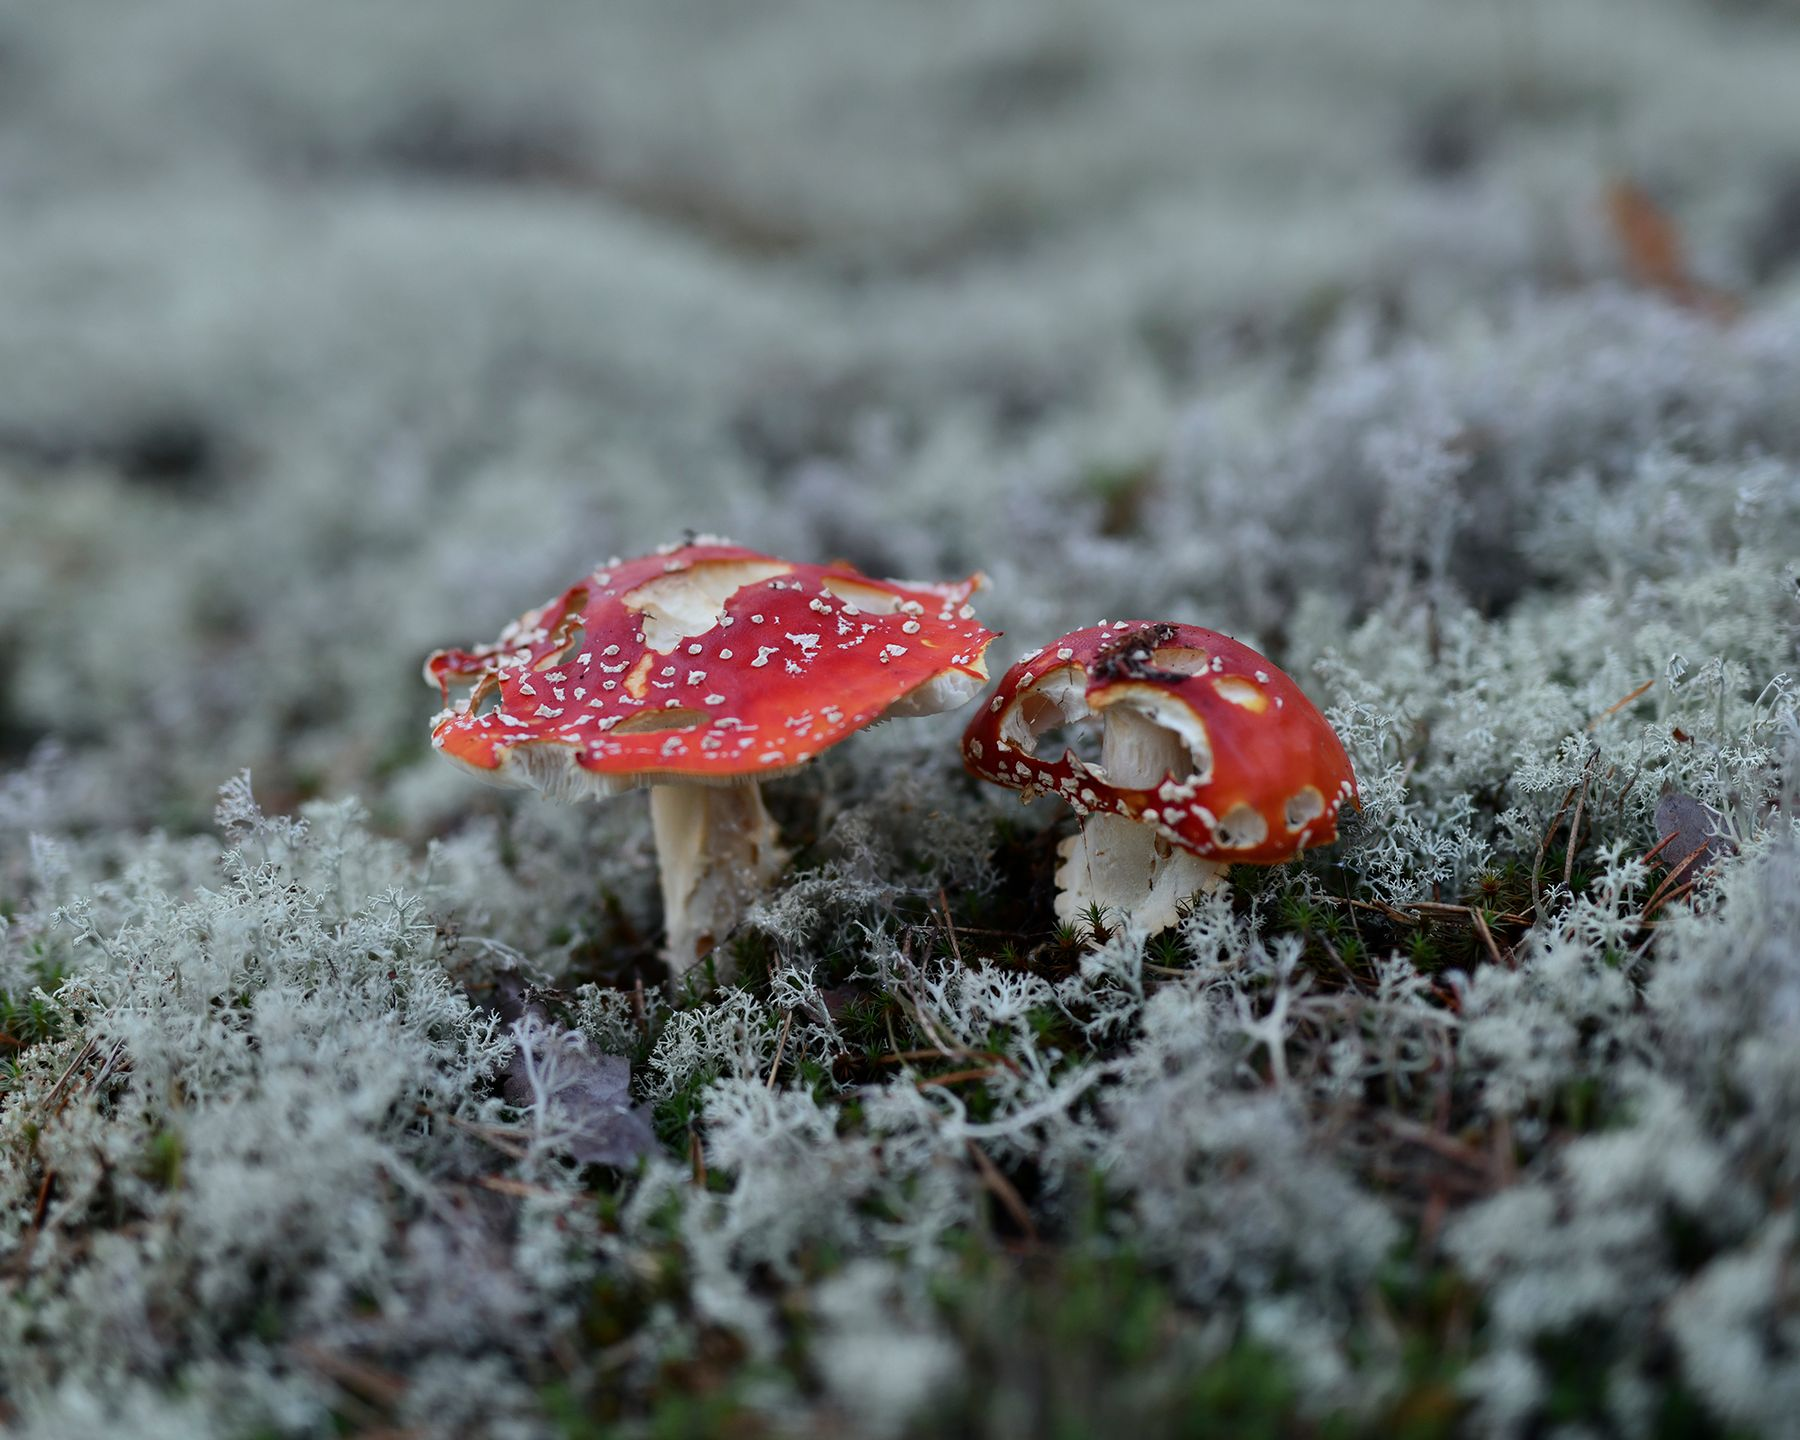 State of decay грибы мухомор ягель Карелия